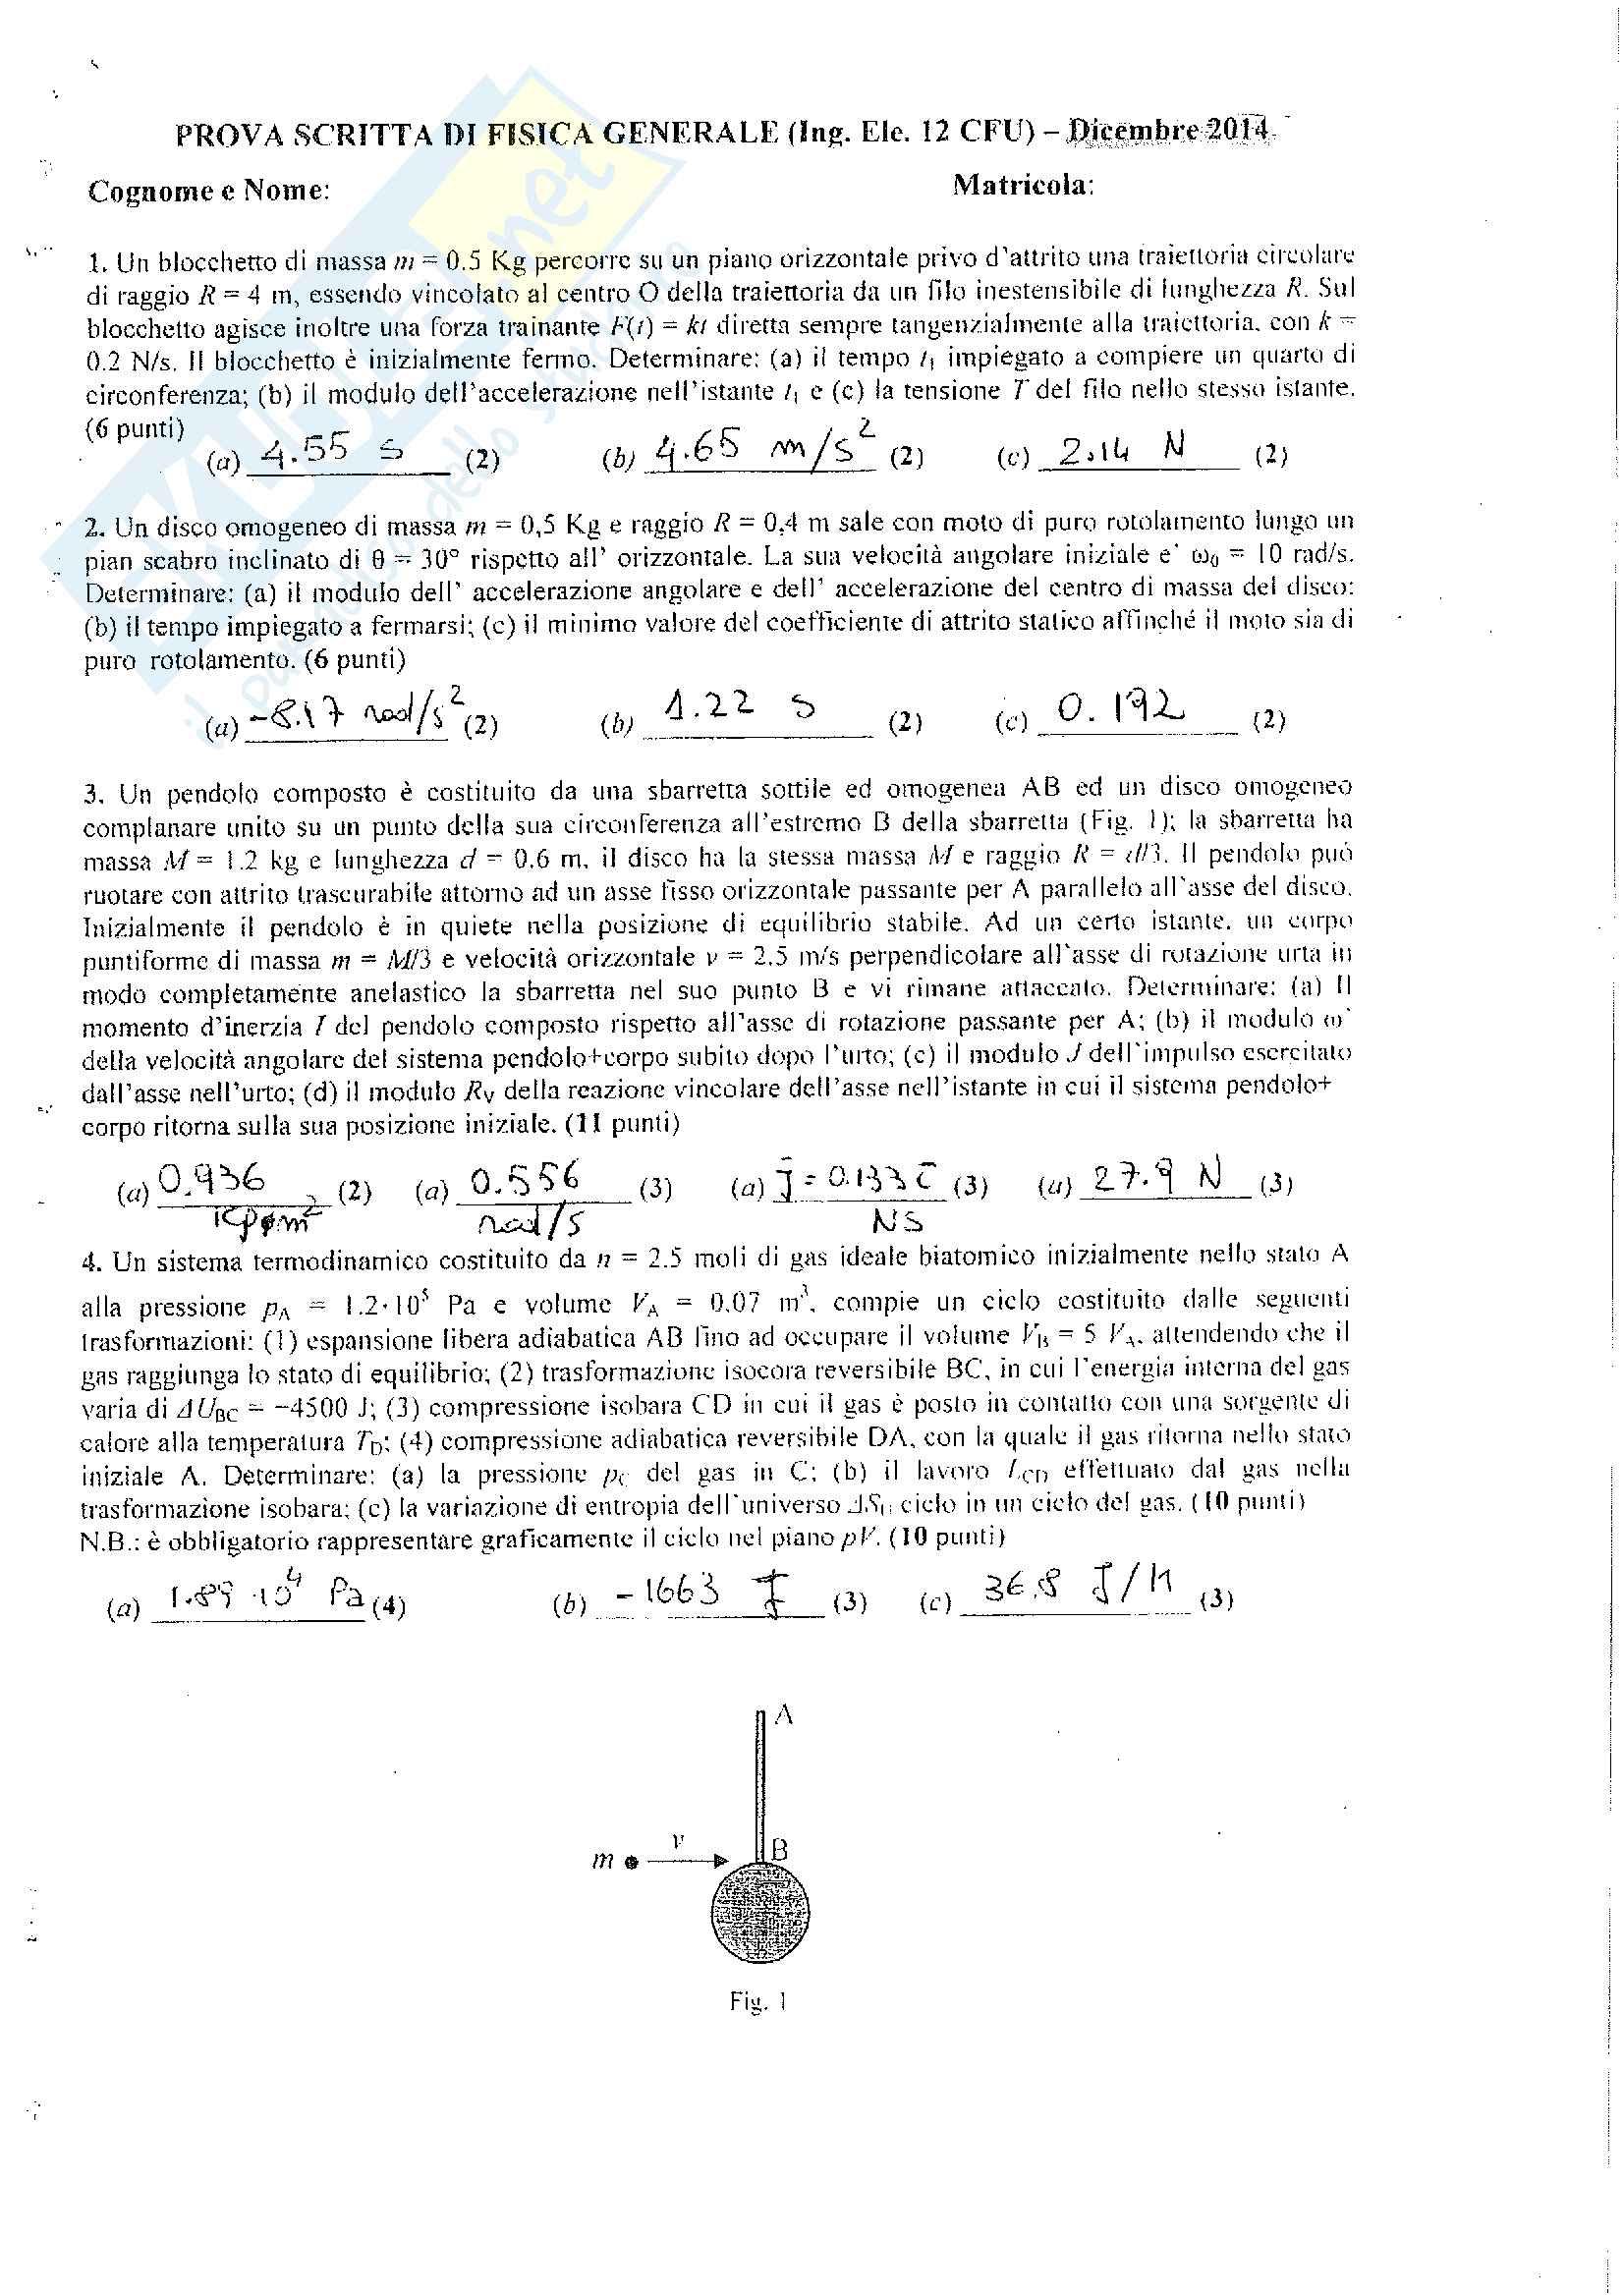 Fisica Generale: meccanica e termodinamica - Esercizi